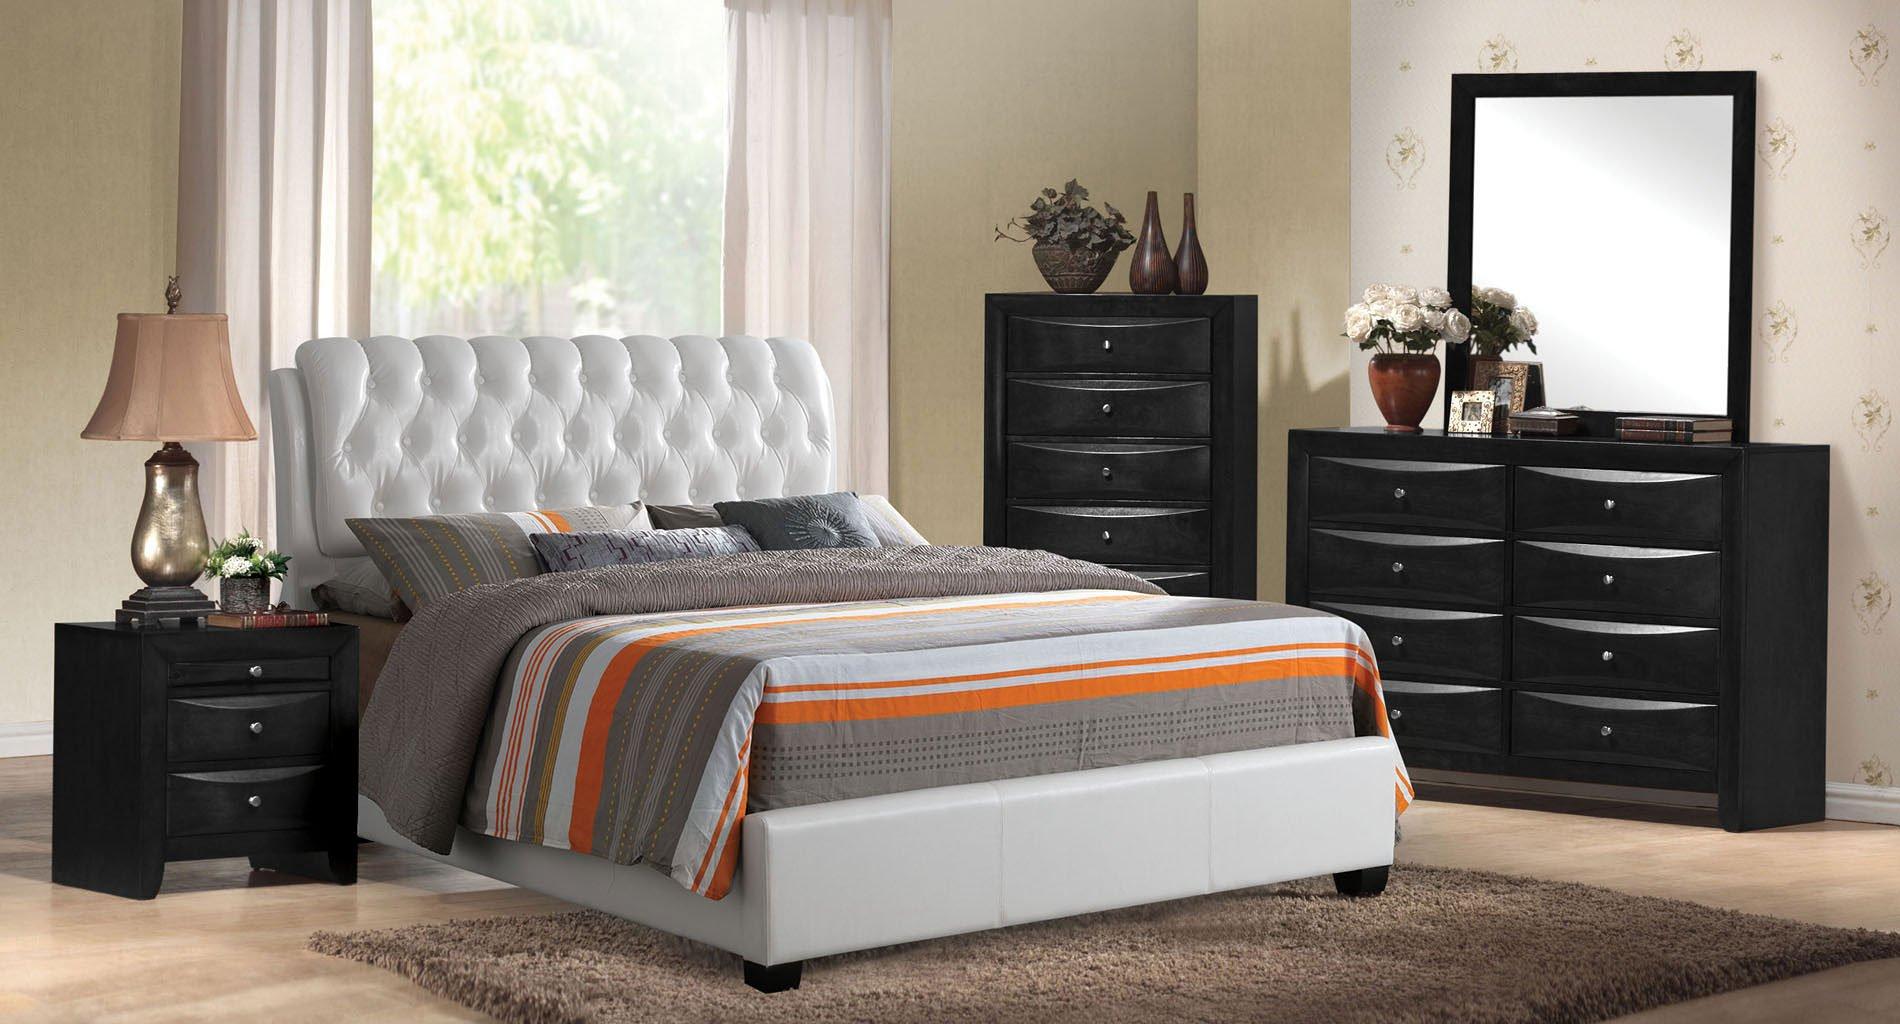 Ireland ii upholstered sleigh bedroom set acme furniture furniture cart for Upholstered sleigh bedroom set